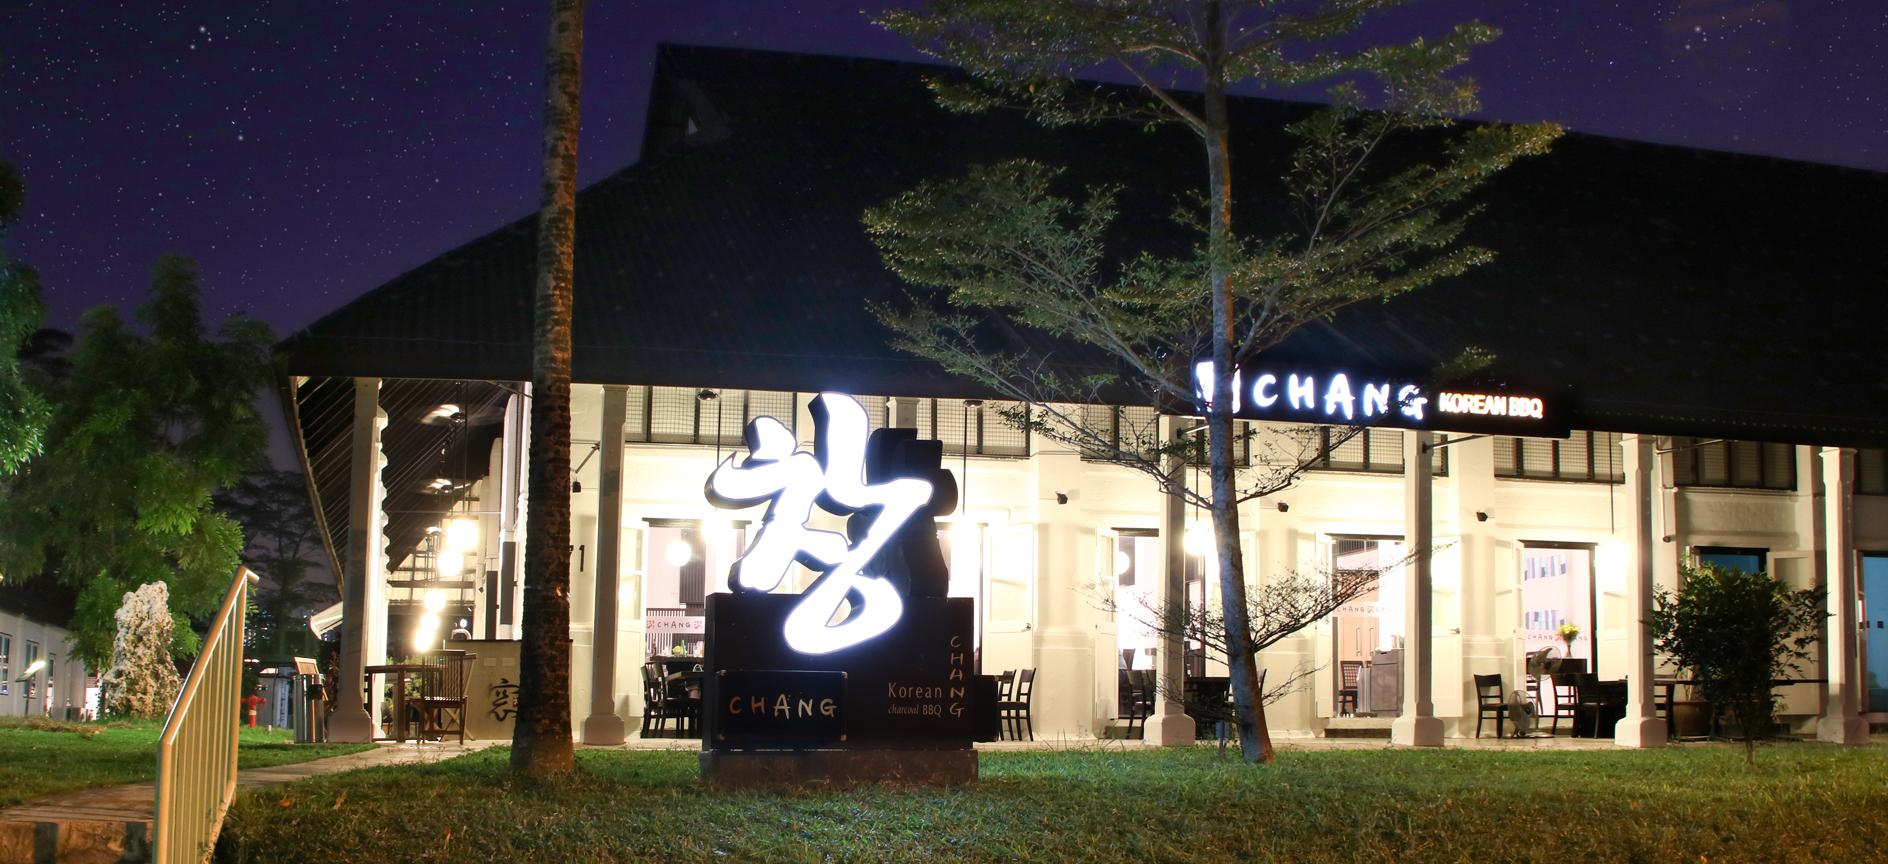 Home Chang Bbq Chang Korean Charcoal Bbq